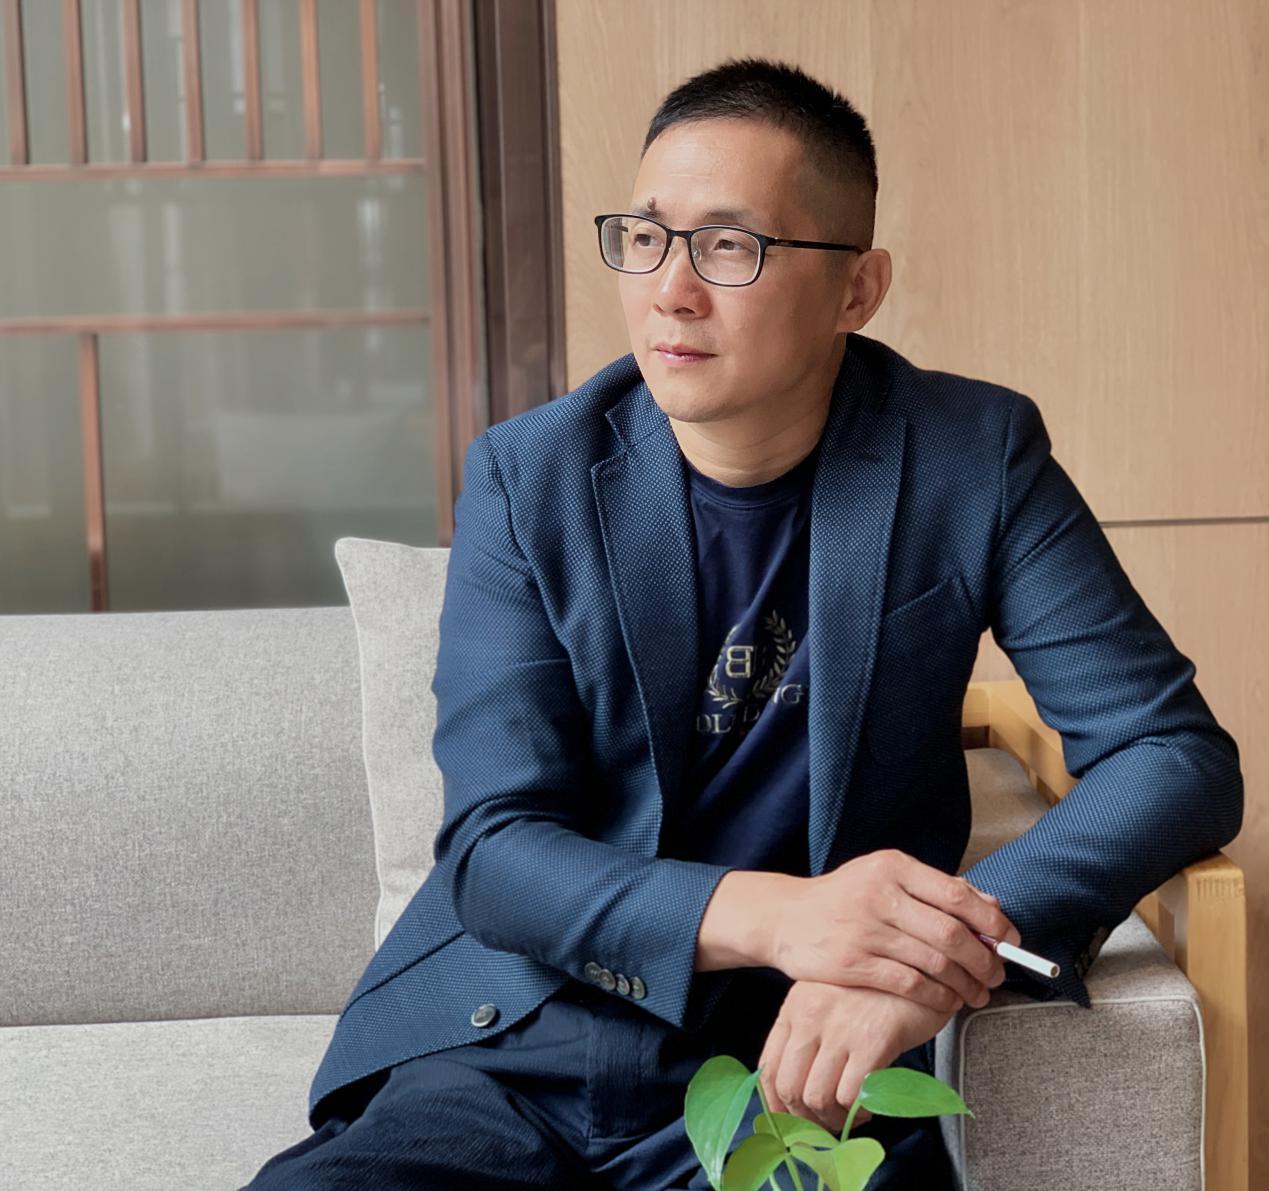 庙街商业管理有限公司董事长徐干:庙街梦,创业魂,中华情